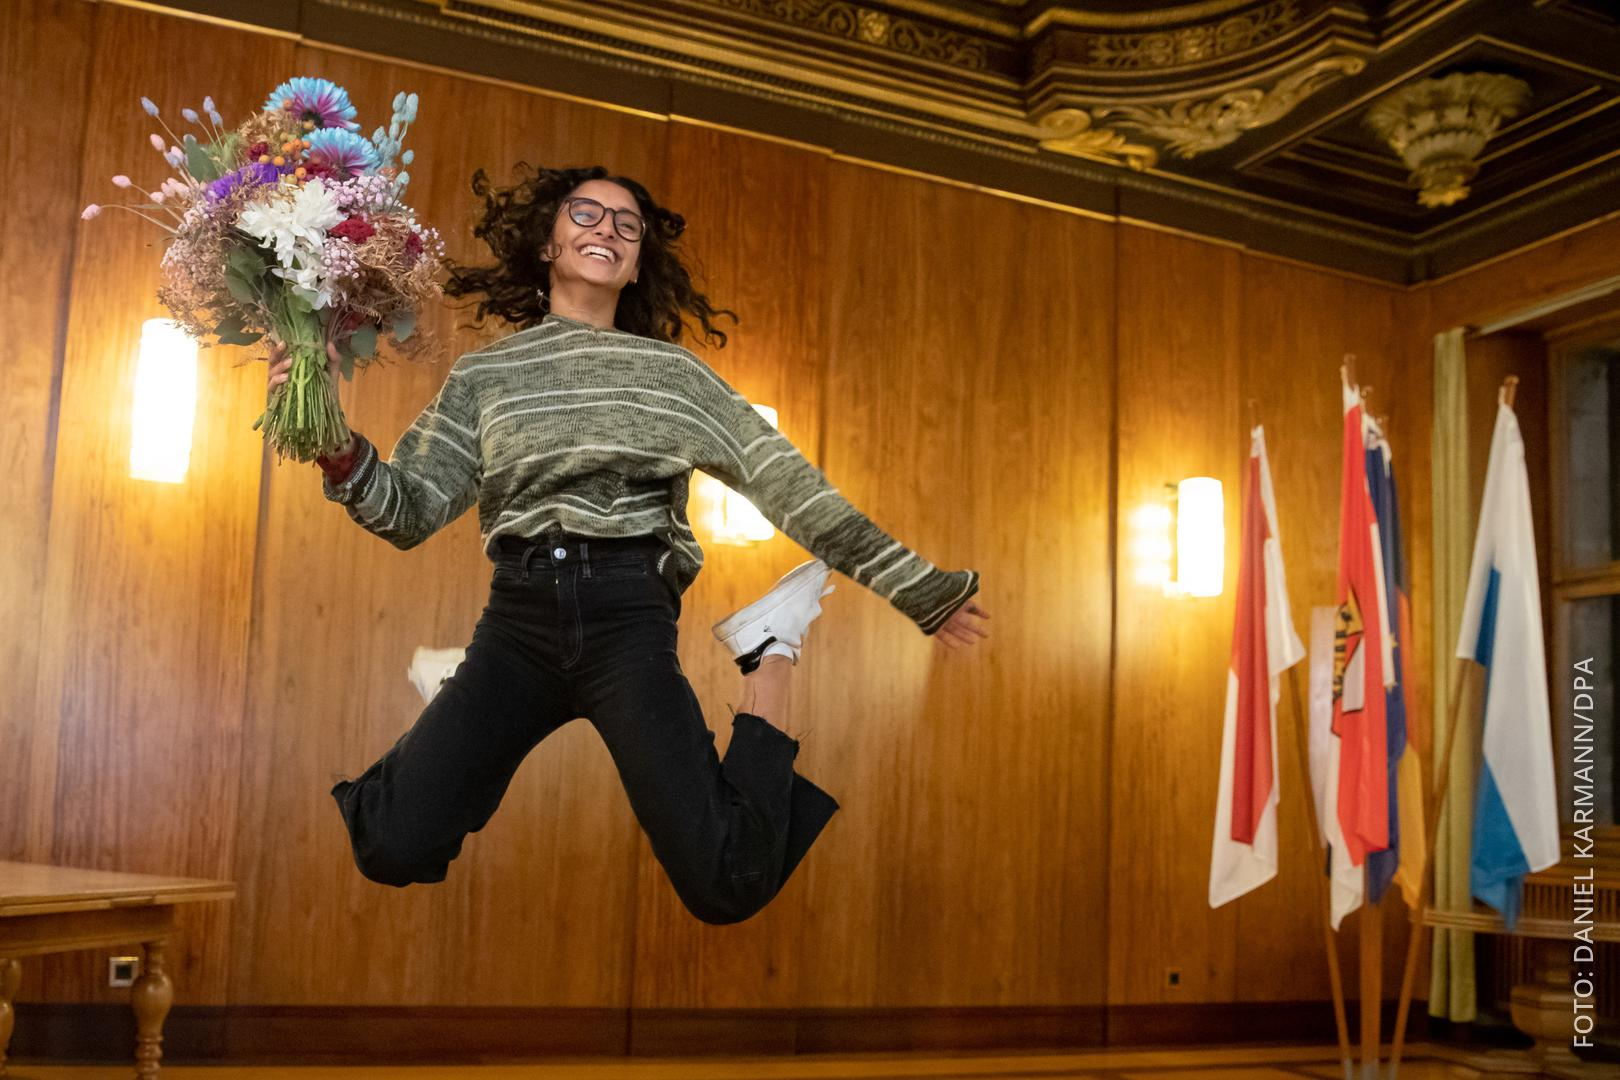 Benigna Munsi macht einen Luftsprung.